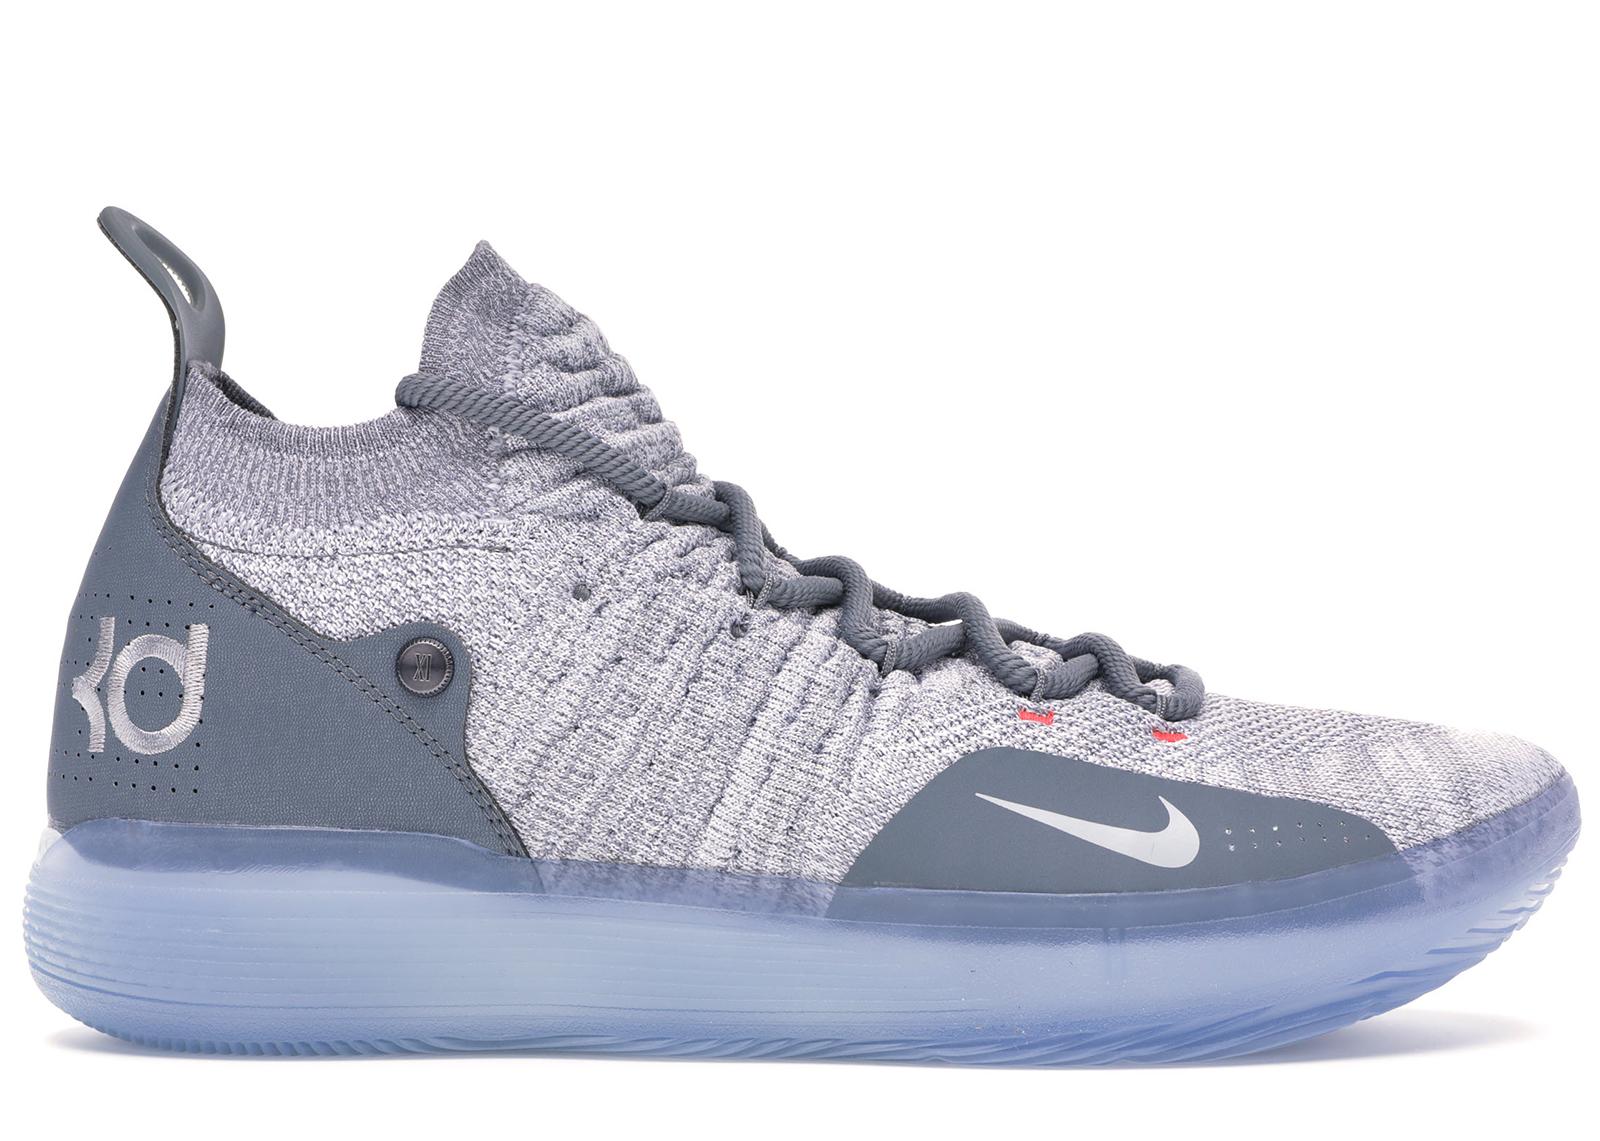 Nike KD 11 Cool Grey - AO2604-002